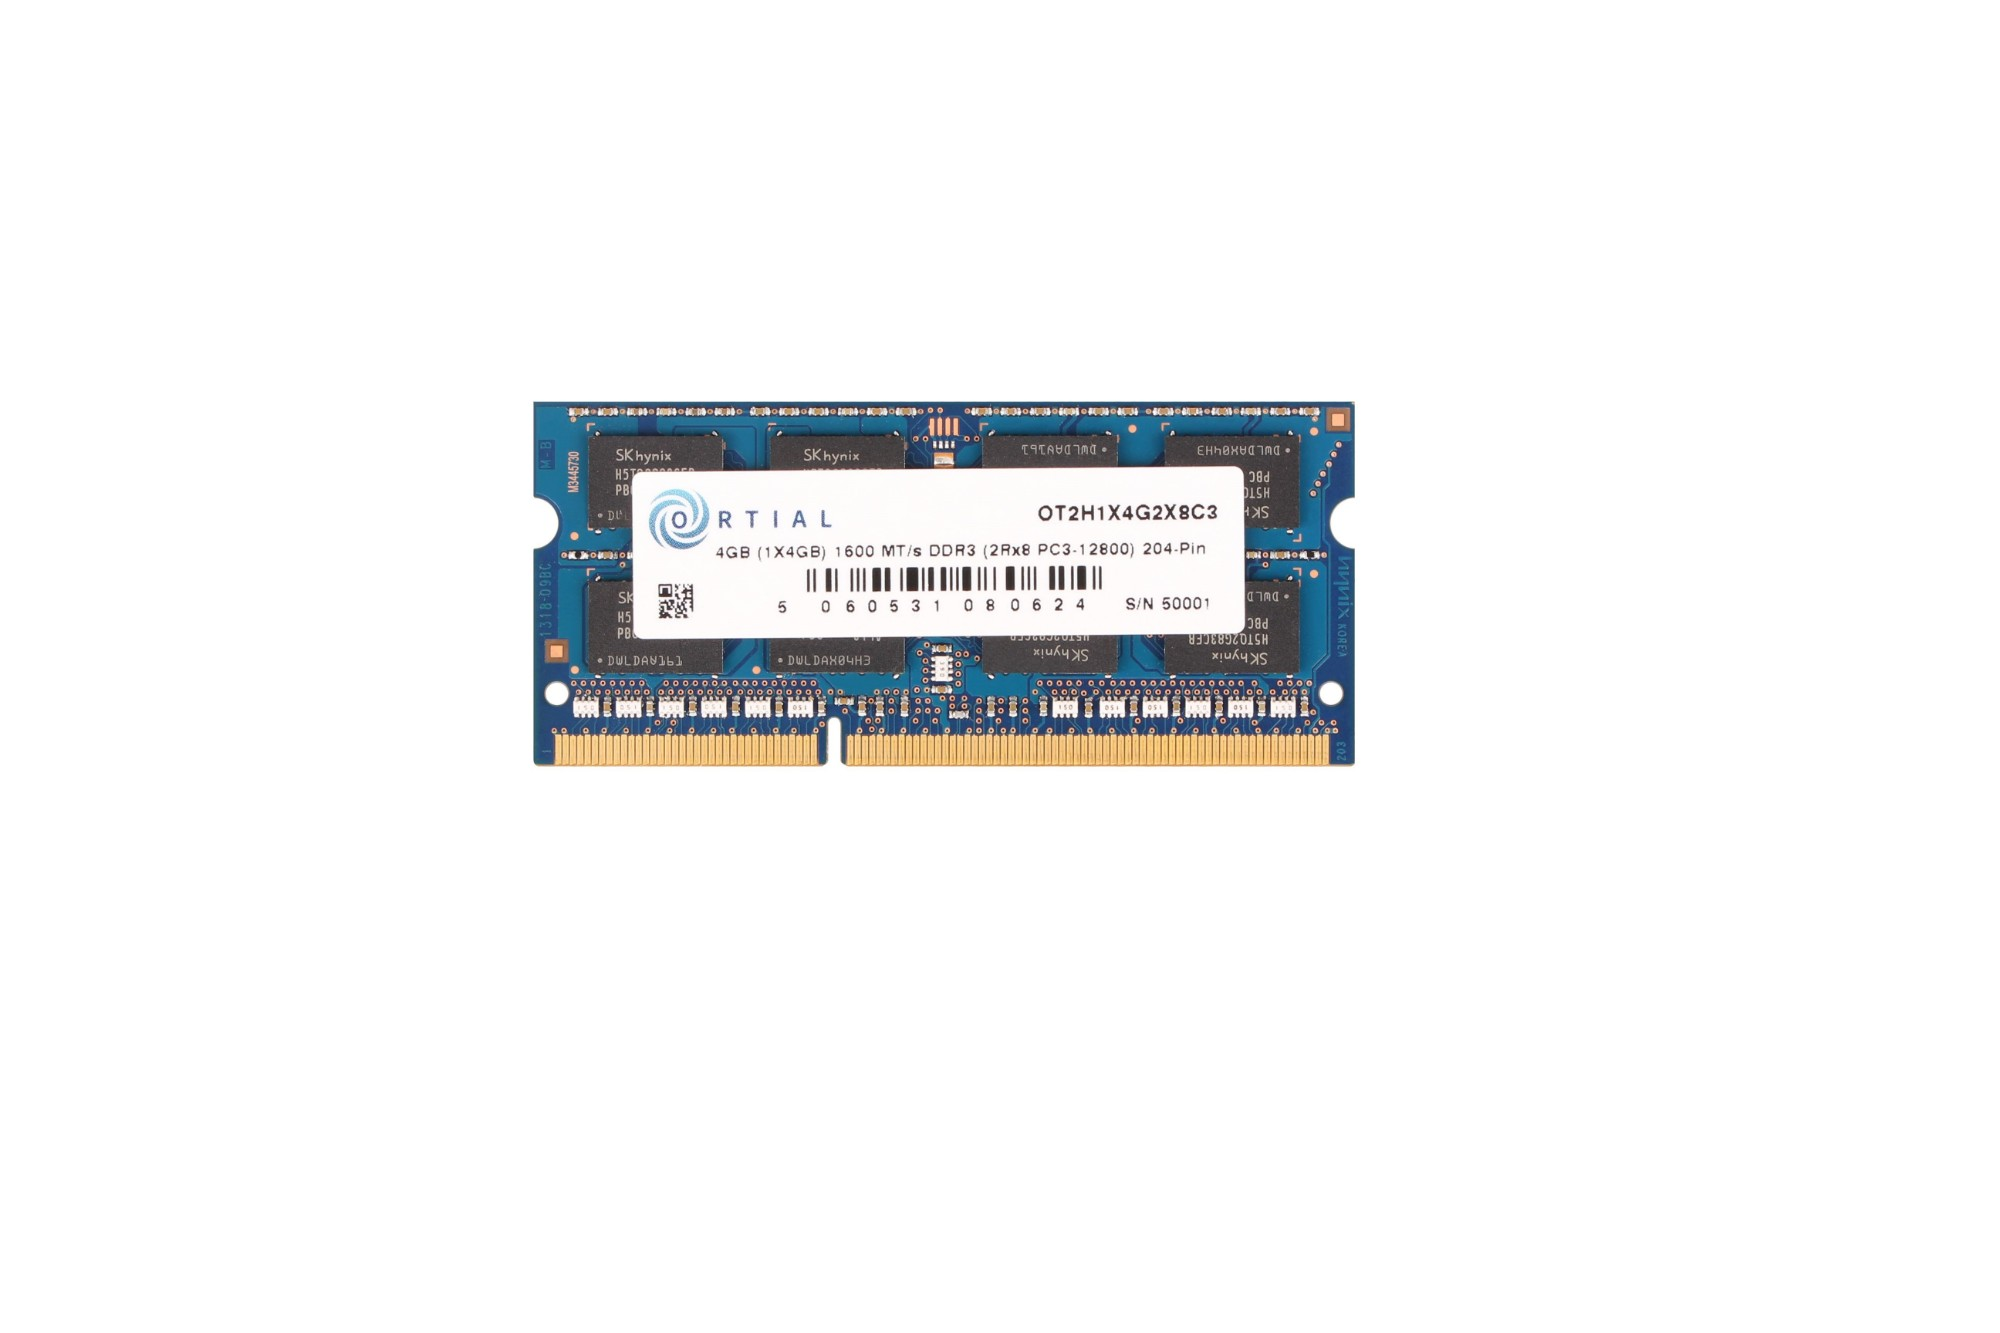 ORTIAL 4GB DDR3 1600 SODIMM